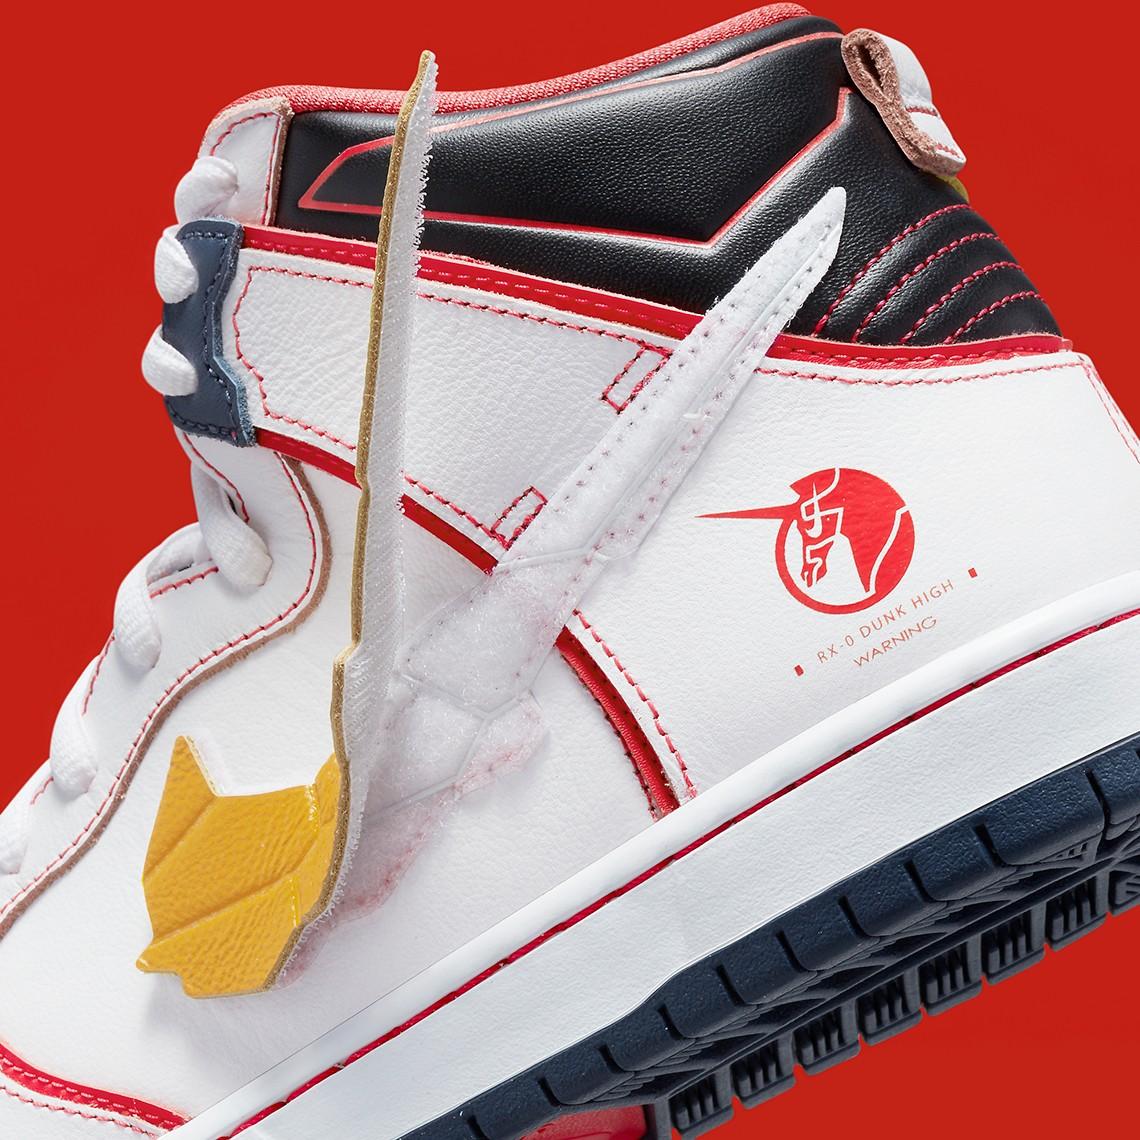 高达,Nike,Dunk SB Hi  胶佬狂喜!高达 x Dunk SB 发售日期有了!完整官图曝光!